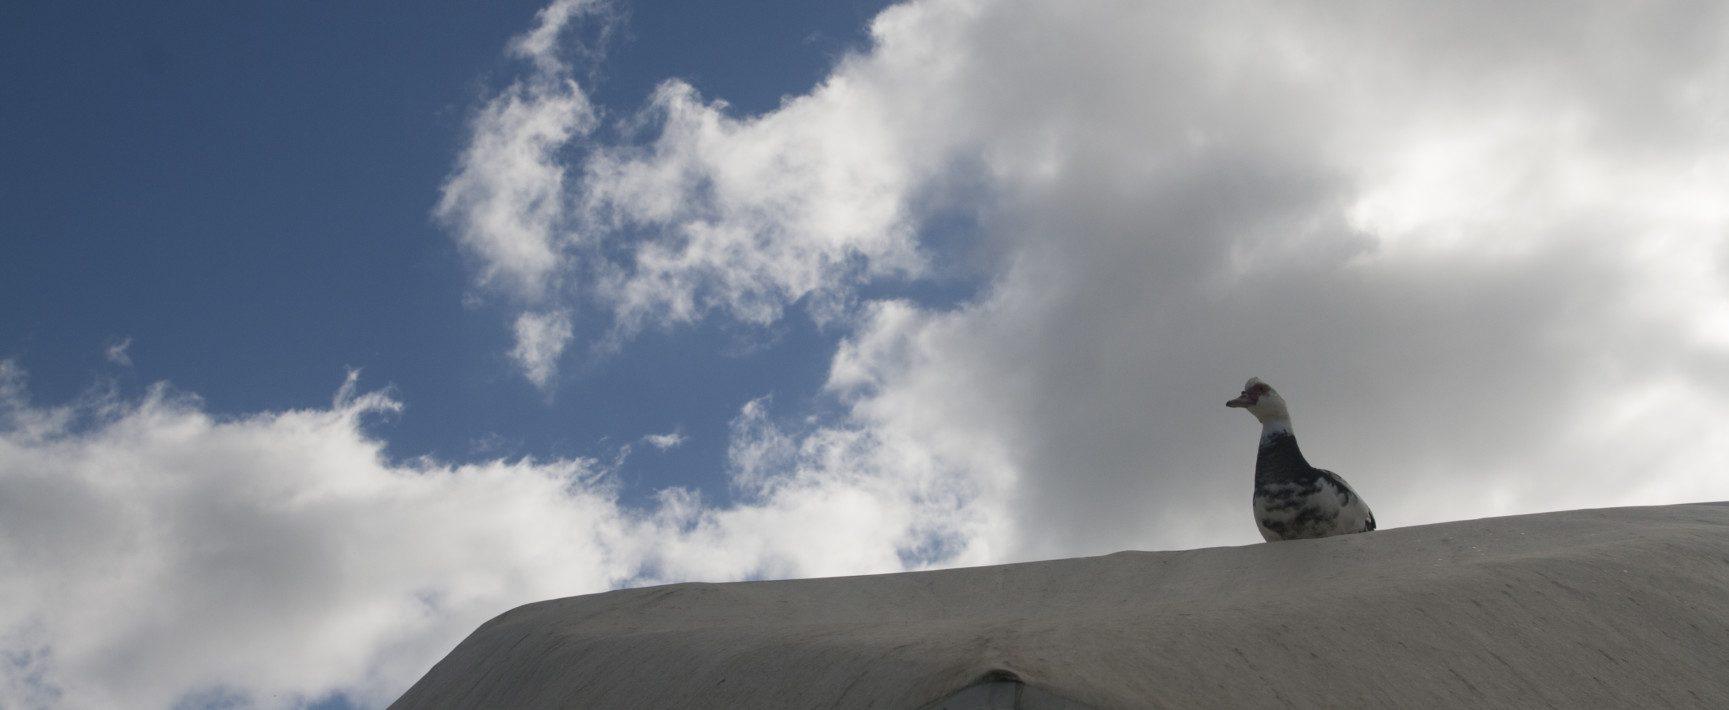 ברווז על הגג